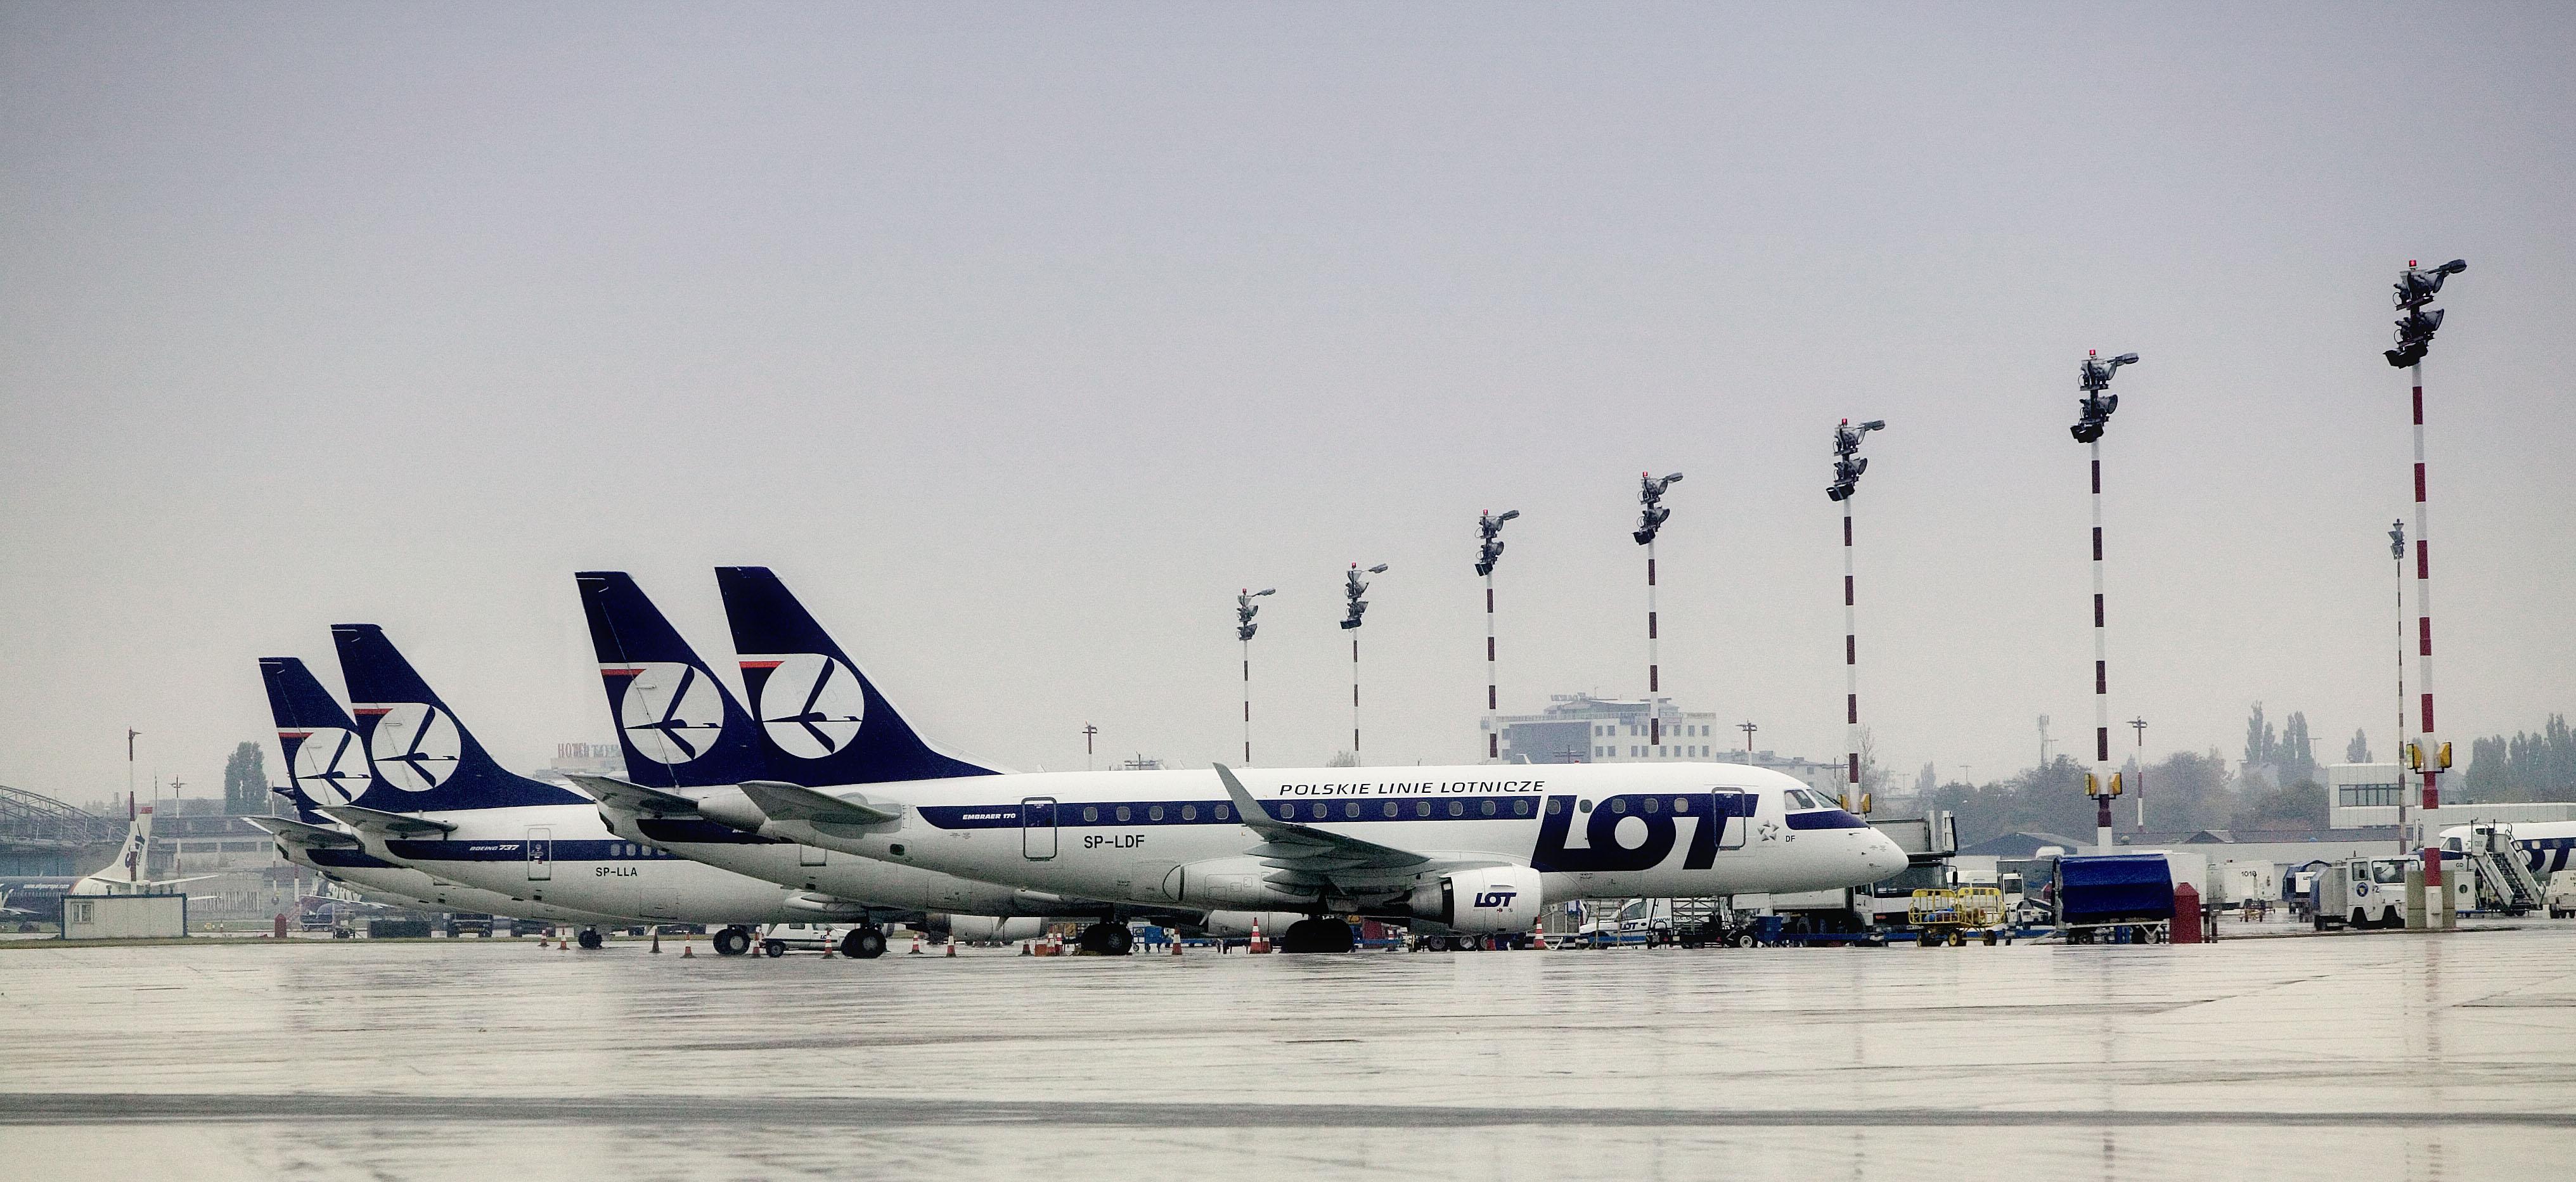 Embraer E170-fly fra LOT i Warszawa-Chopin lufthavnen. (Foto: LOT)